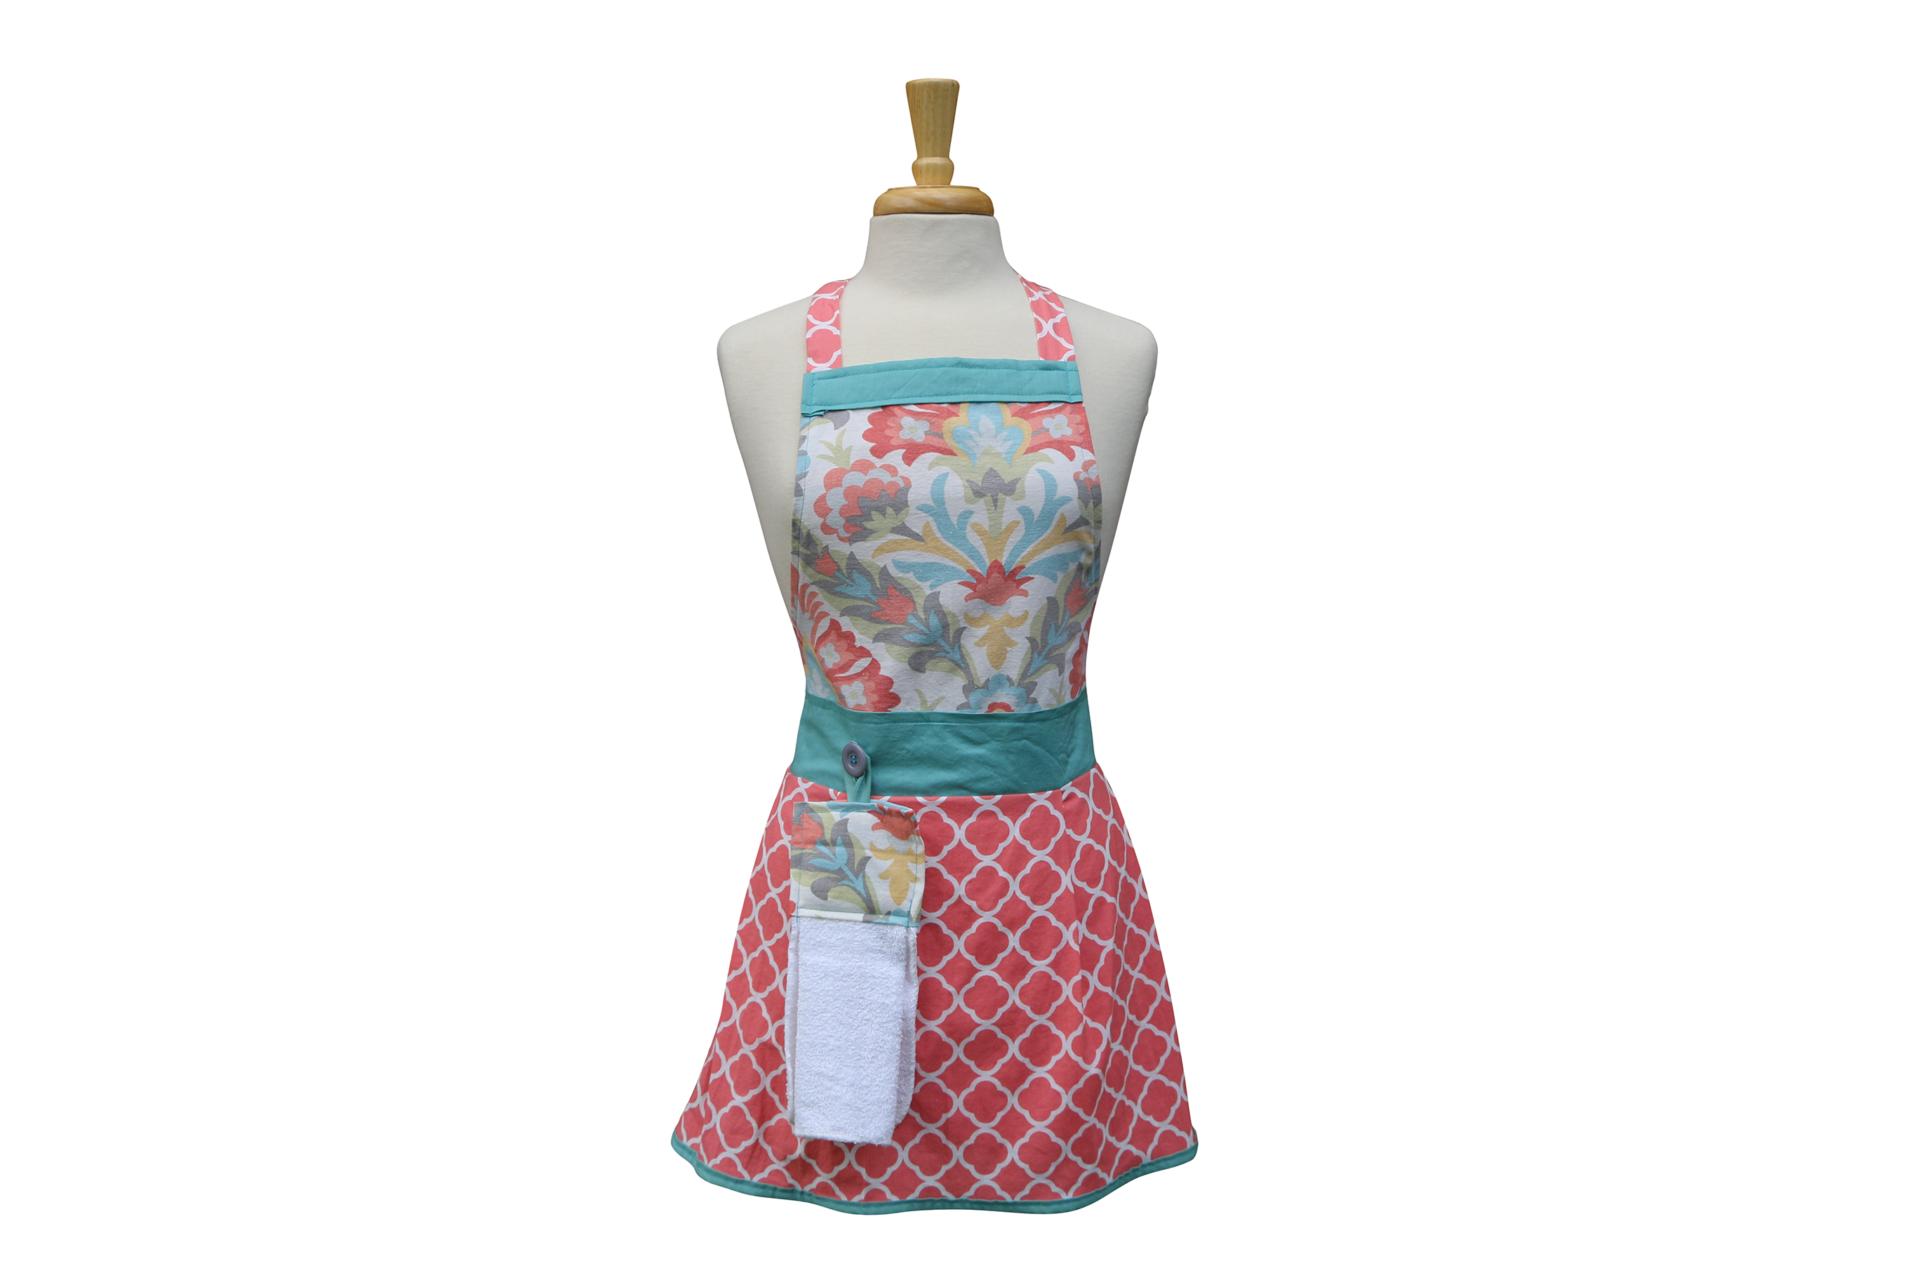 kitchen apron tehya modern aprons for women - Kitchen Apron